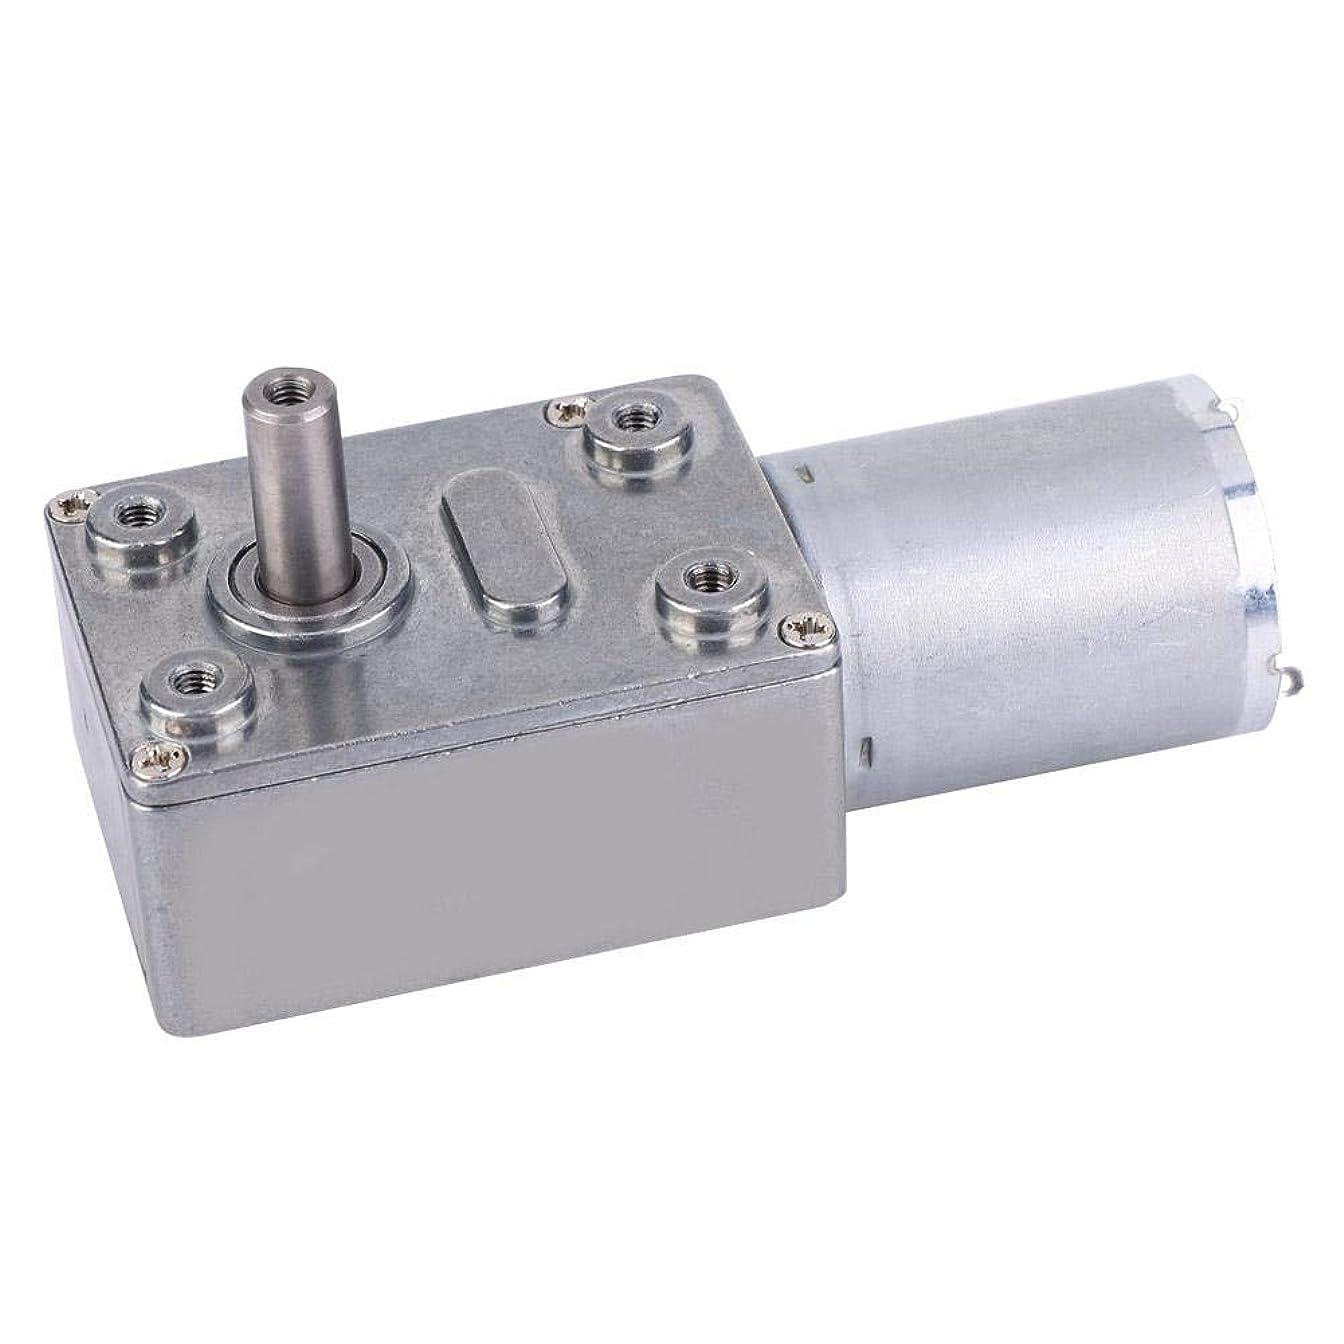 浴室配列指導するモーターギア、マイクロタイプDC減速モーター多目的用大ねじりウォームギアモーター12V(10)